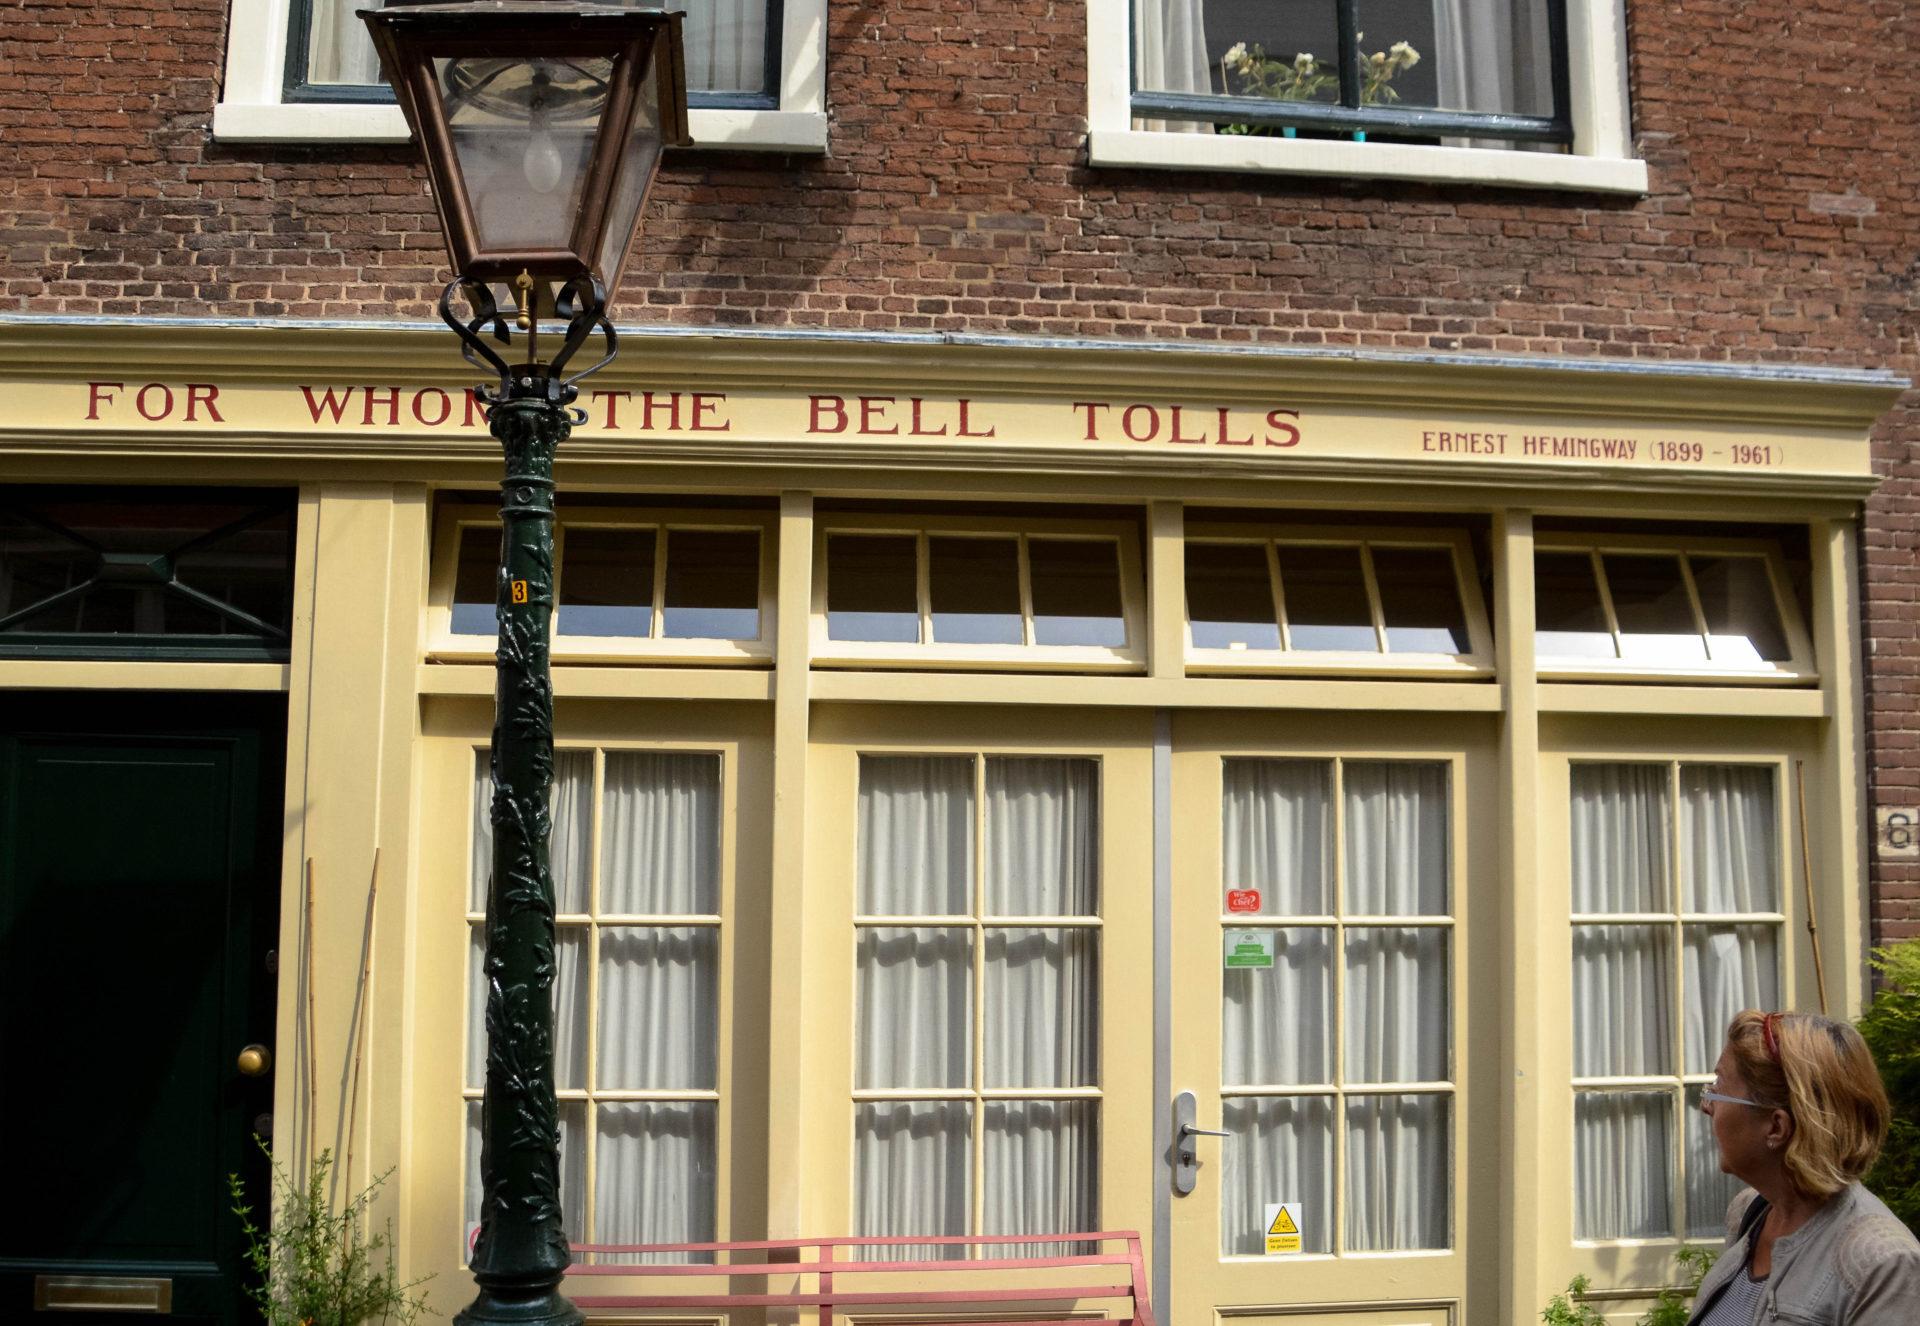 Wem die Stunde schlägt: Buchtitel von Ernest Hemingway an einer Hausfassade in Leiden